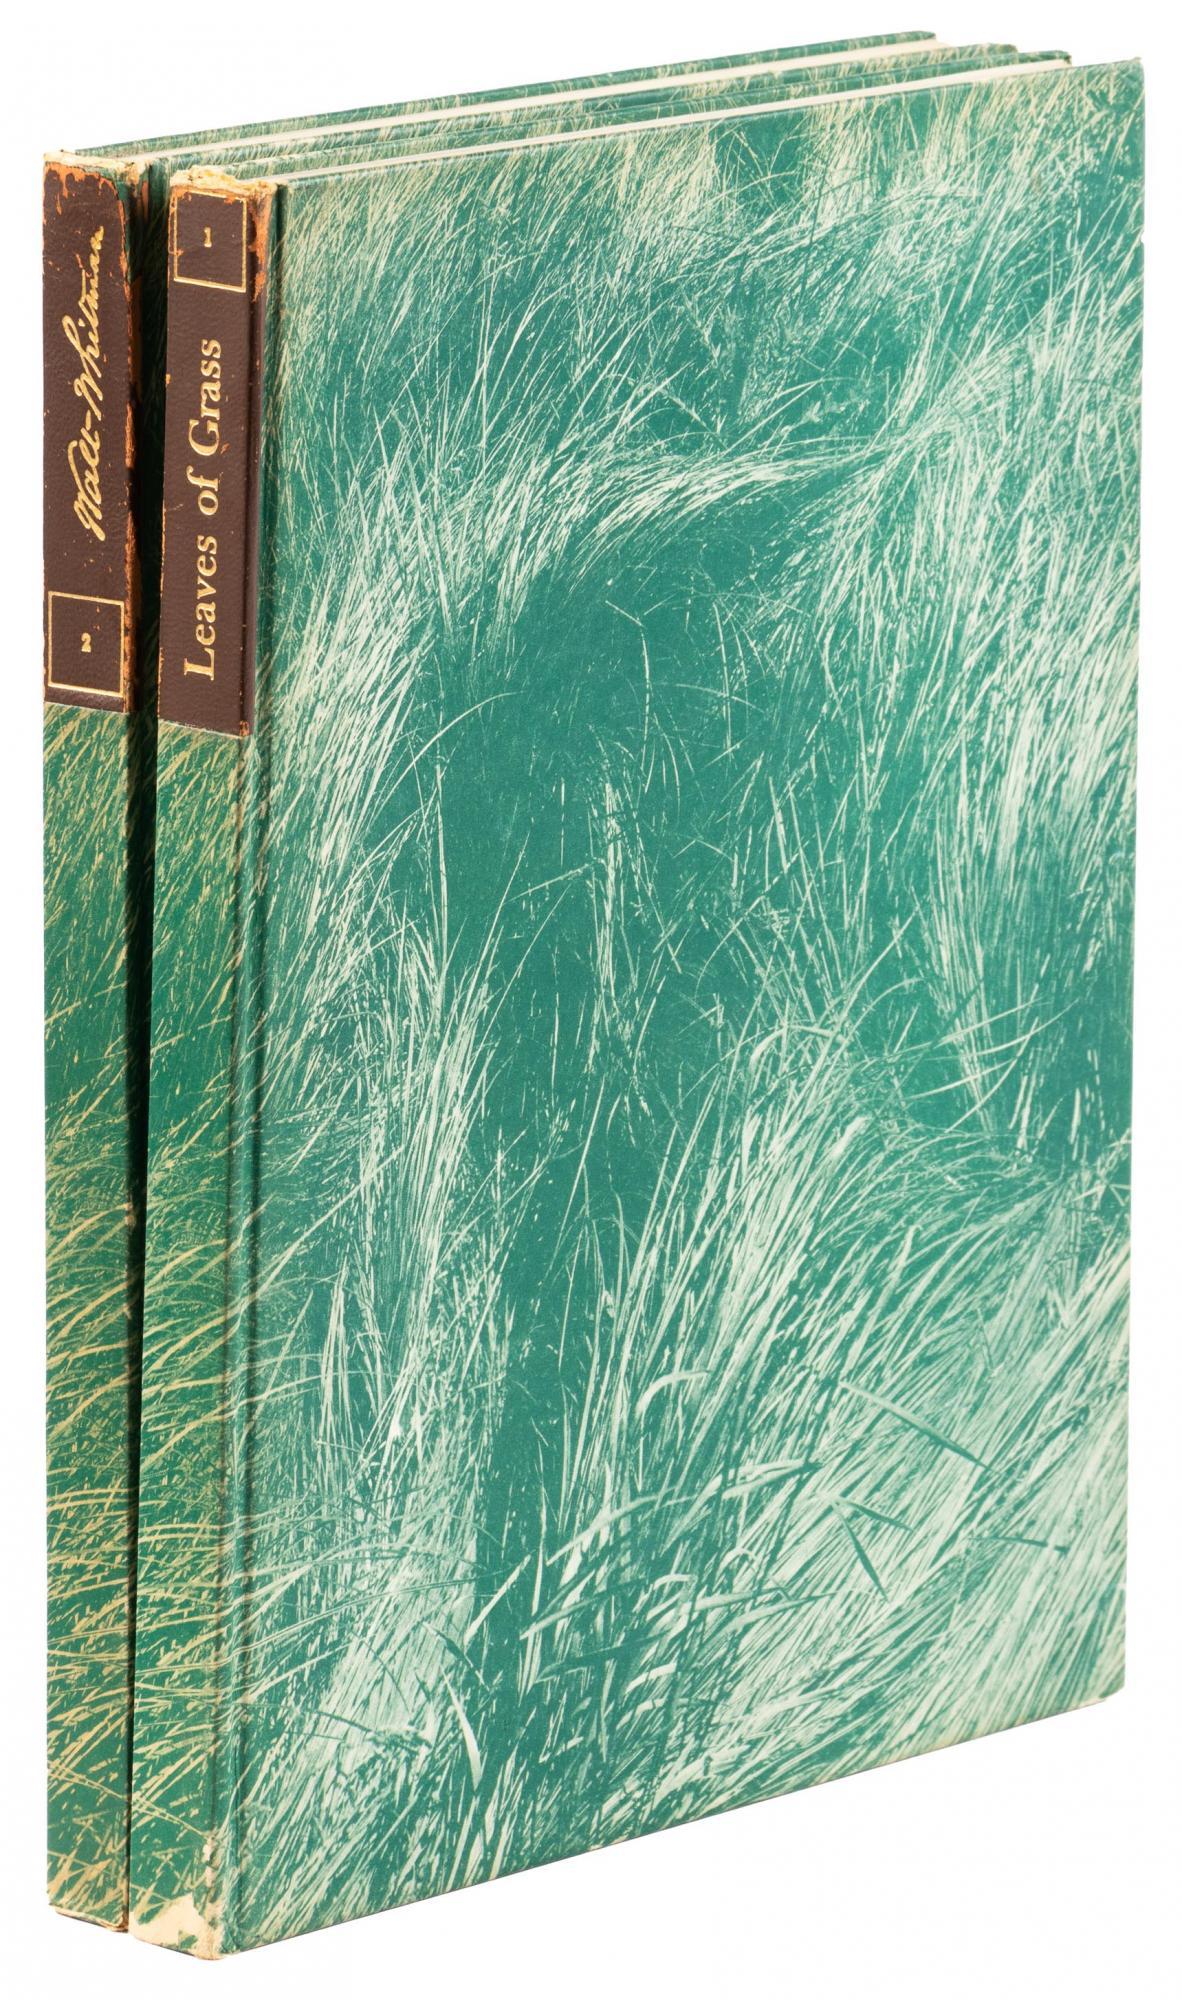 Signed by Edward Weston